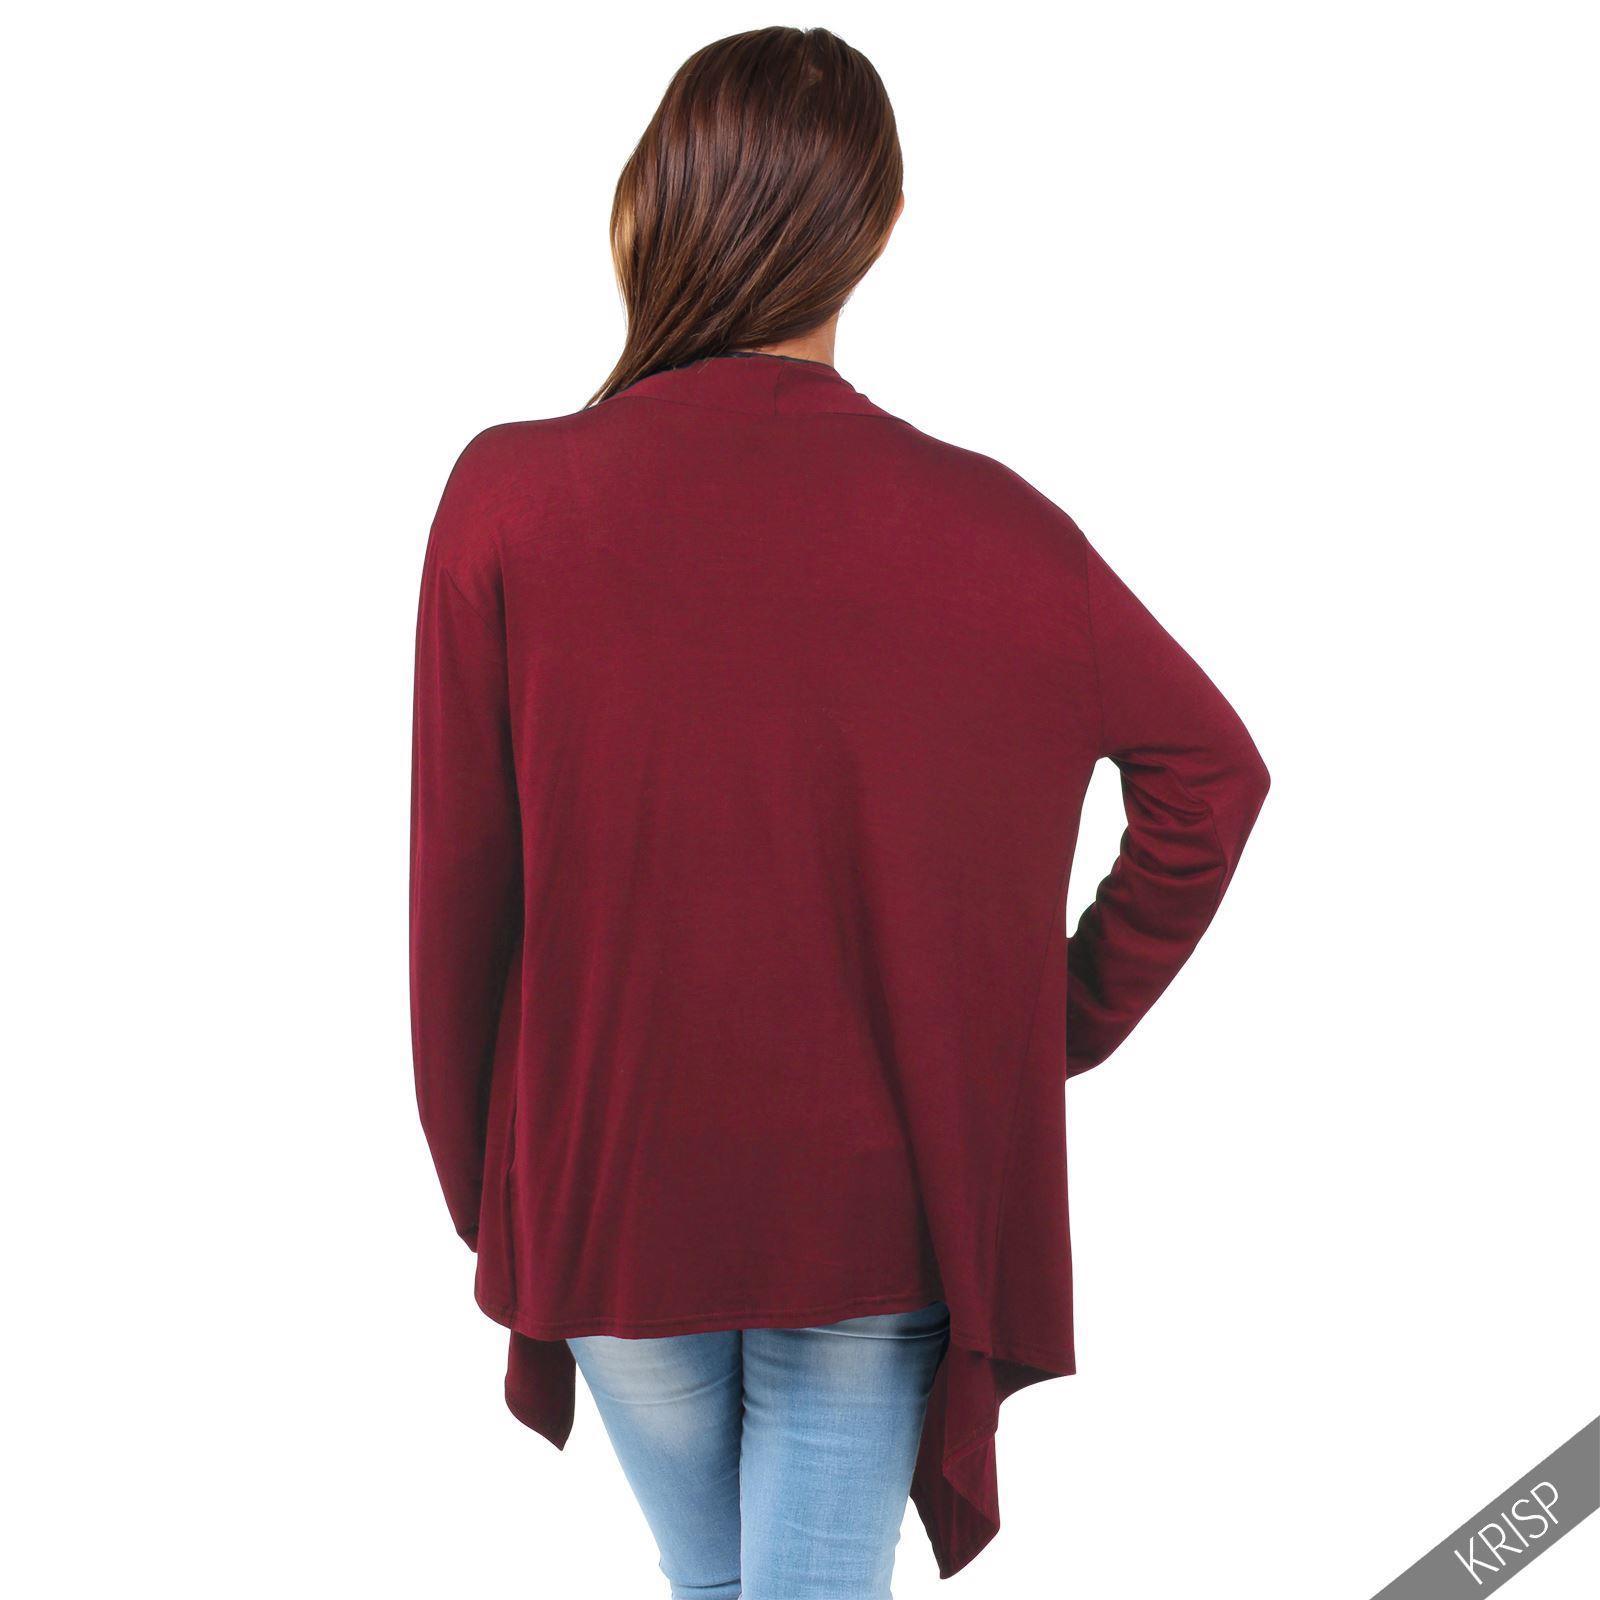 Rebeca-Mujer-Asimetrica-Chaqueta-Punto-Cascada-Abierta-Cardigan-Basico-Solapas miniatura 21